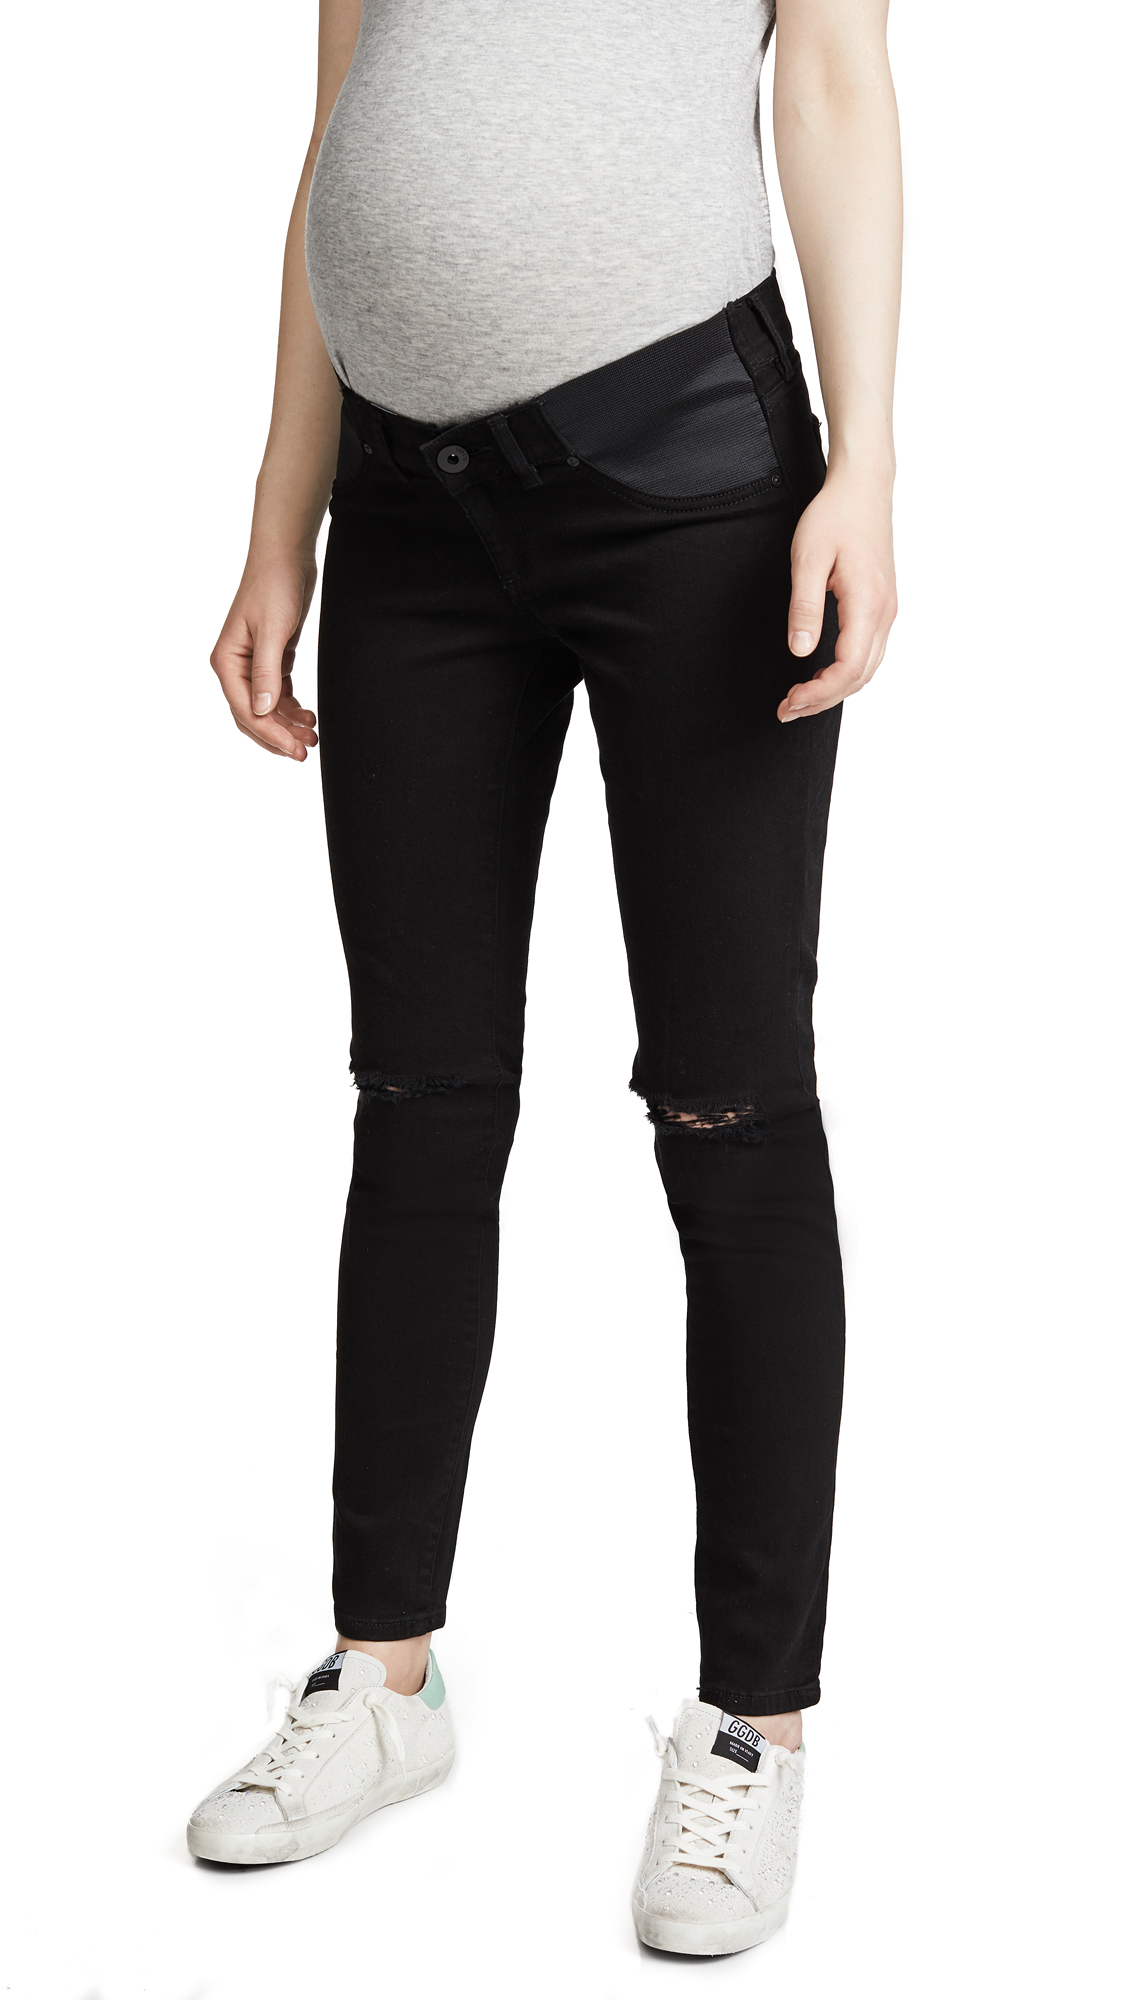 Maternity Emma Power Legging Jeans